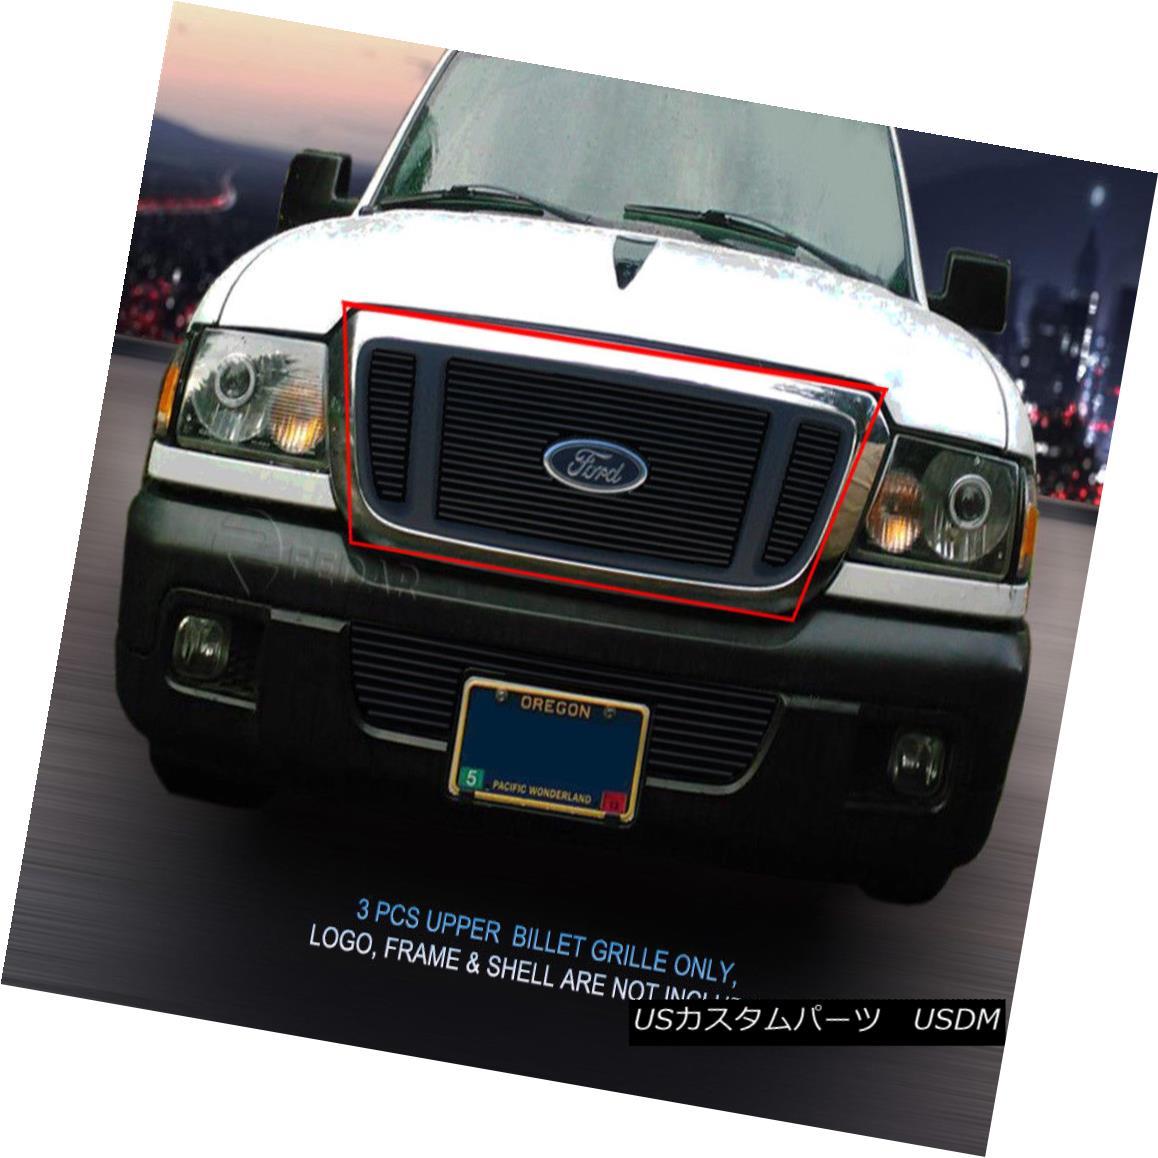 グリル 04-05 Ford Ranger Black Billet Grille Grill Upper Insert 3 Pcs Fedar 04-05フォードレンジャーブラックビレットグリルグリルアッパーインサート3個入りFedar